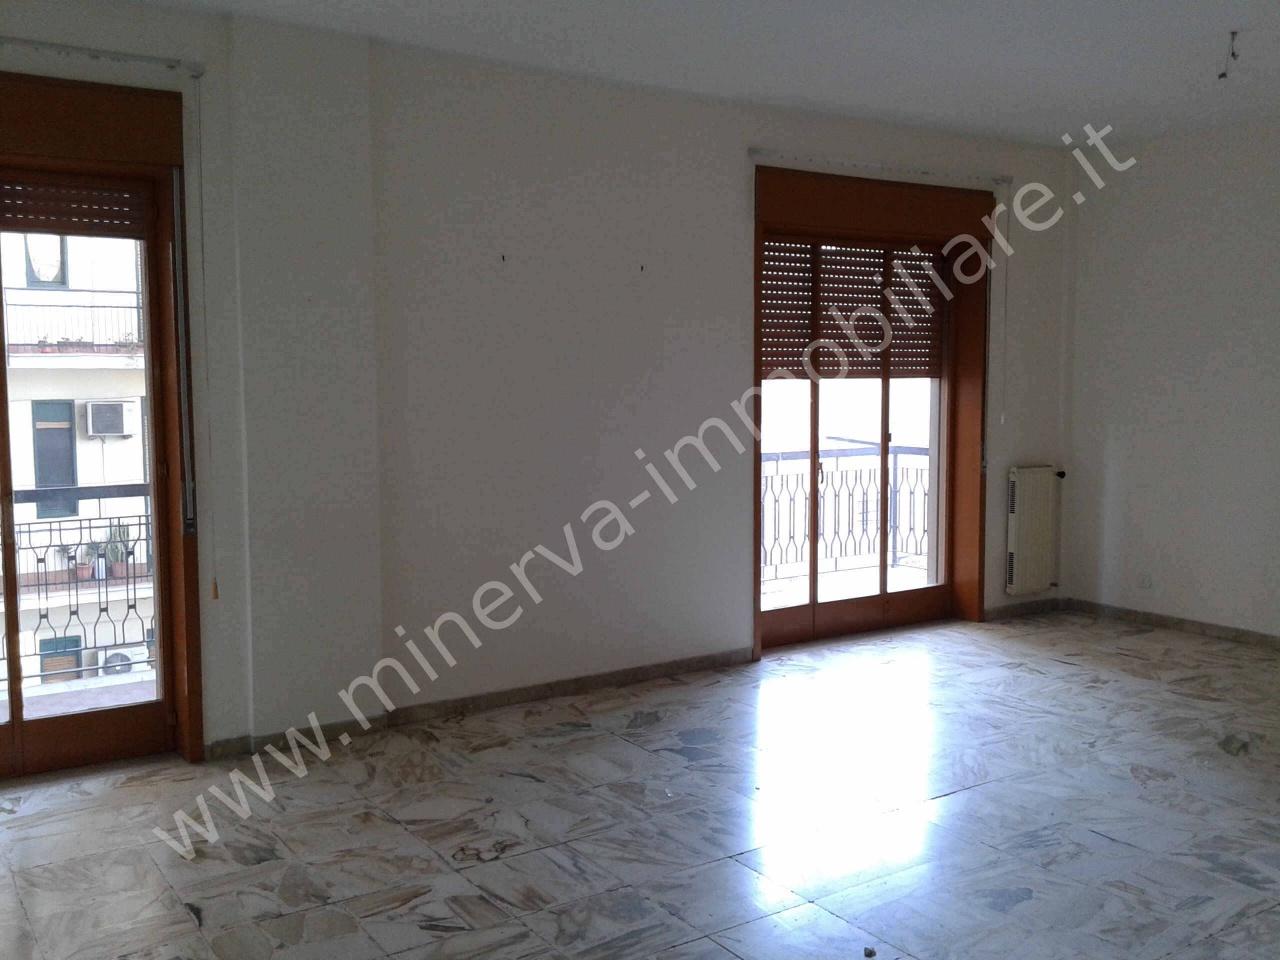 Appartamento in affitto a Lentini, 5 locali, prezzo € 350 | CambioCasa.it